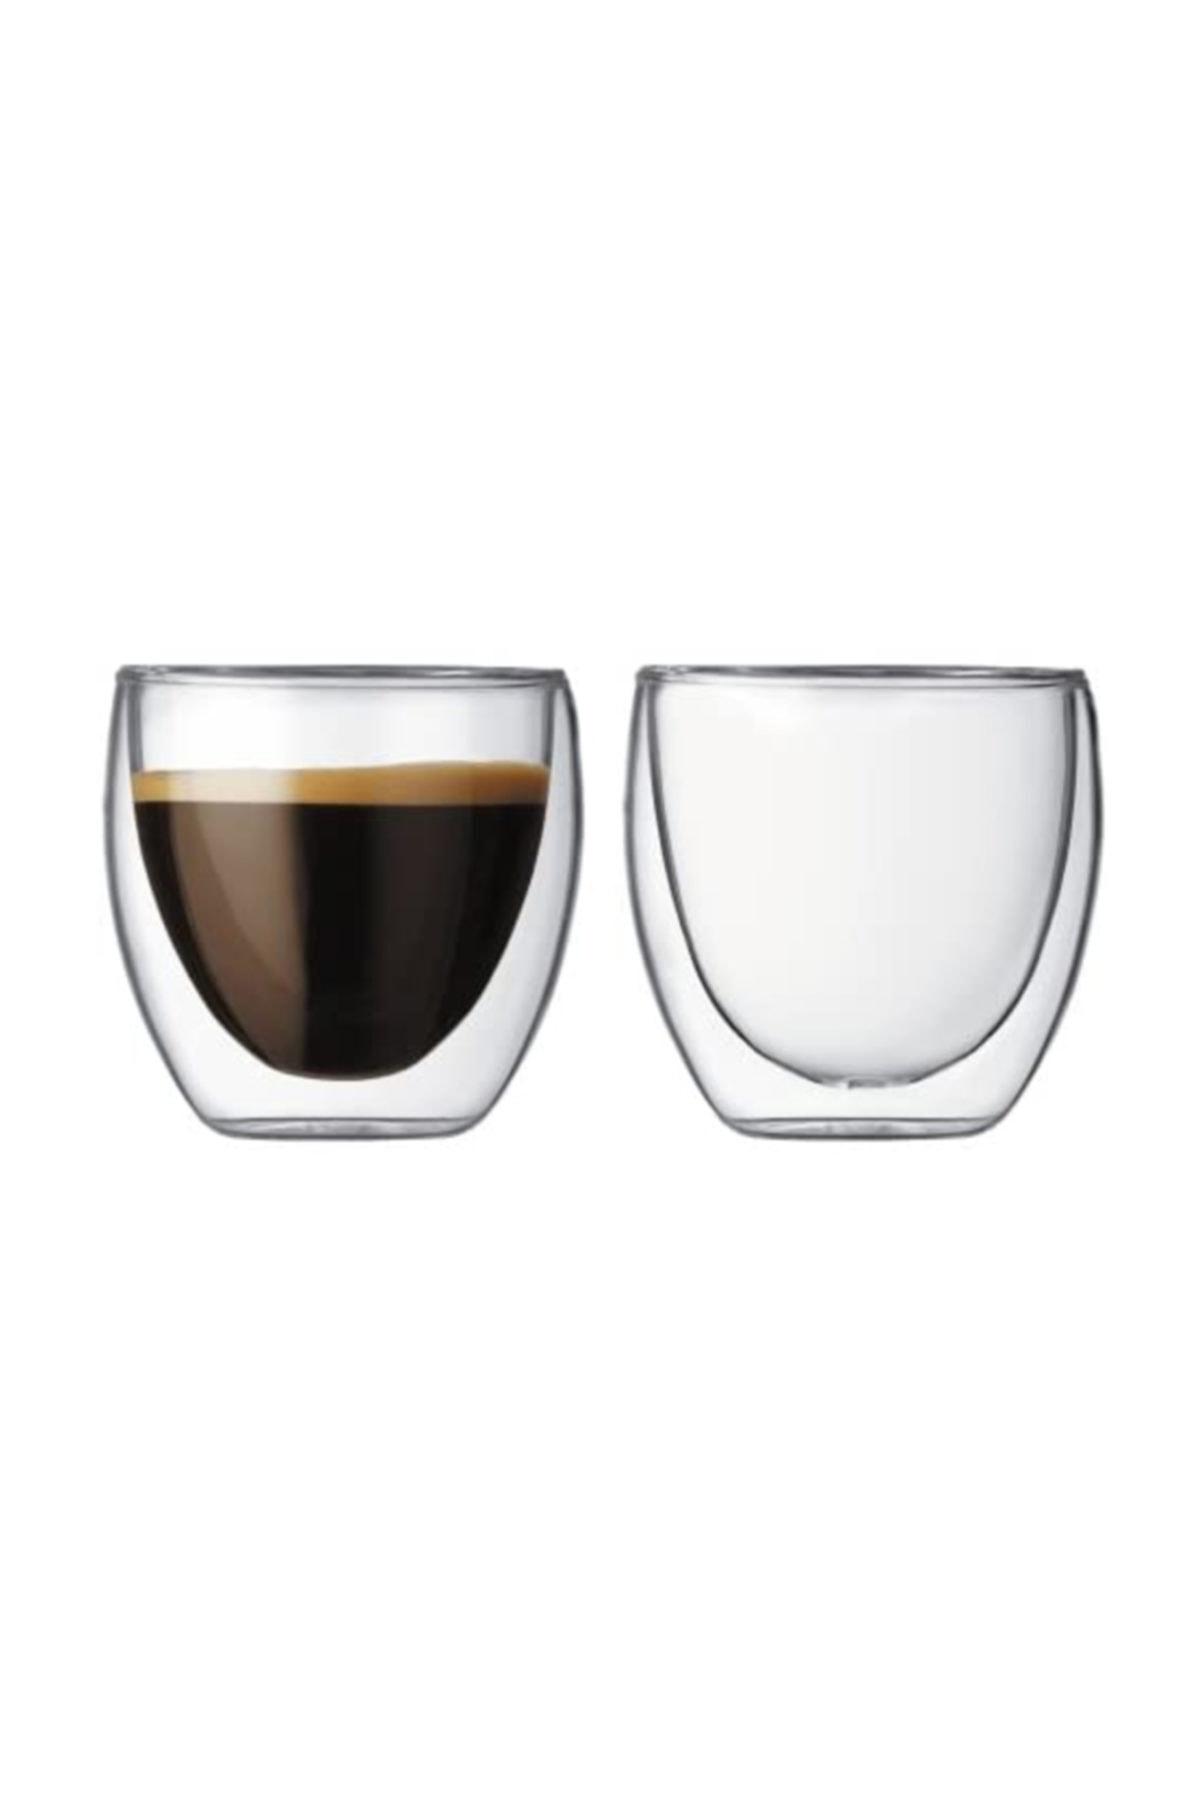 TROY Çift Cidarlı Bardak Double Wall Glass Espresso Bardağı 2'li Set 80 ml 2,7 Oz 1